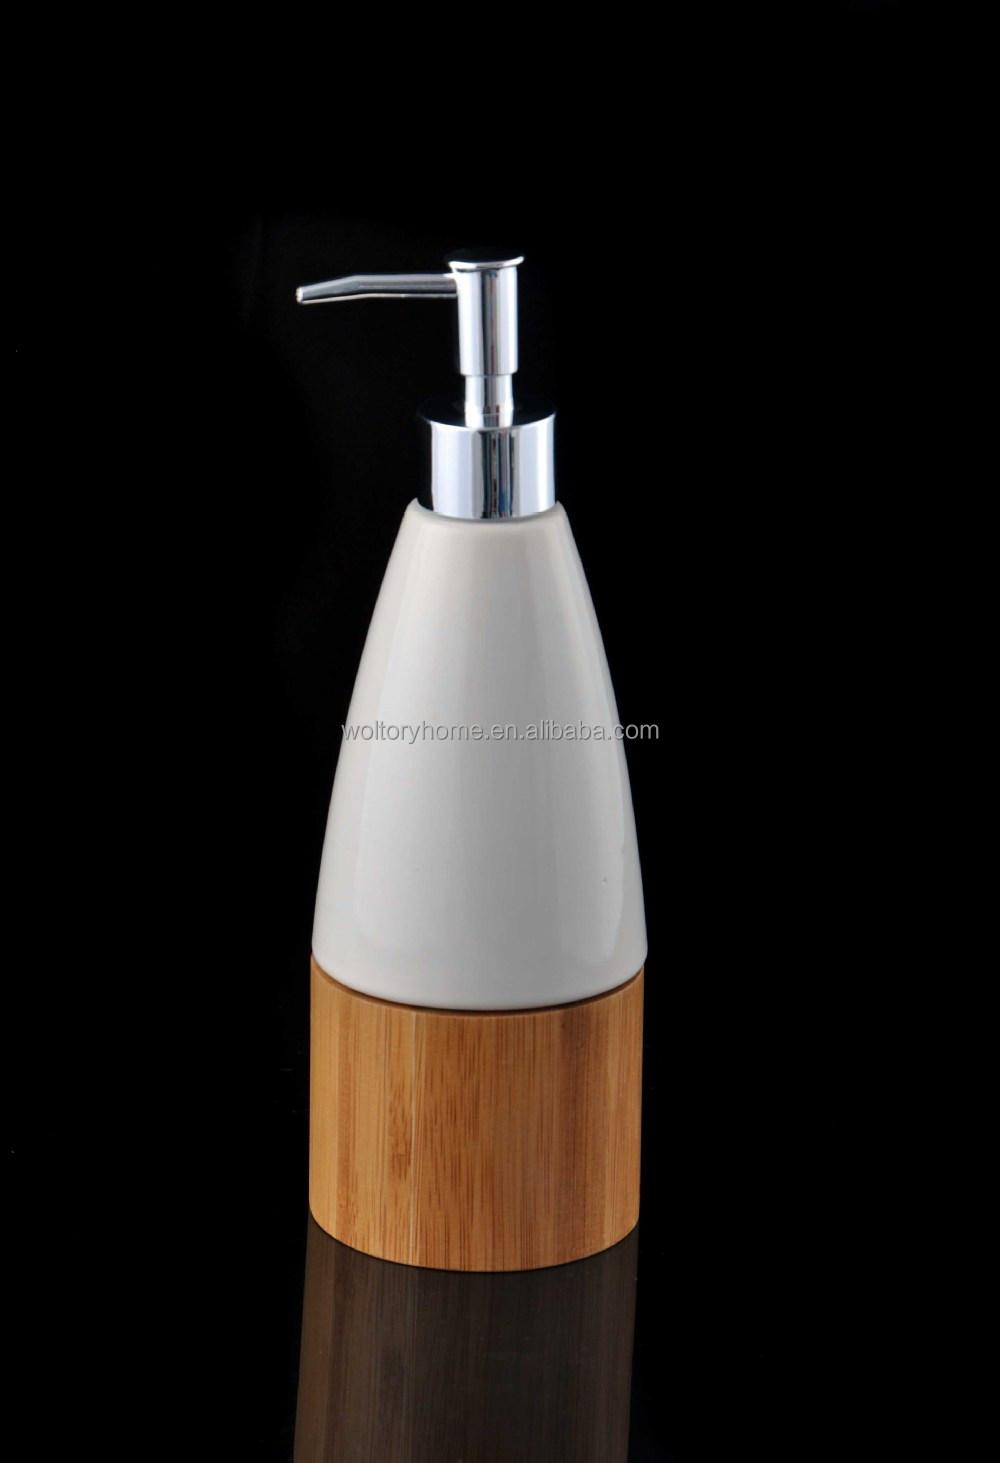 Détail bambou naturel et accessoires de bain en céramique ensemble ...